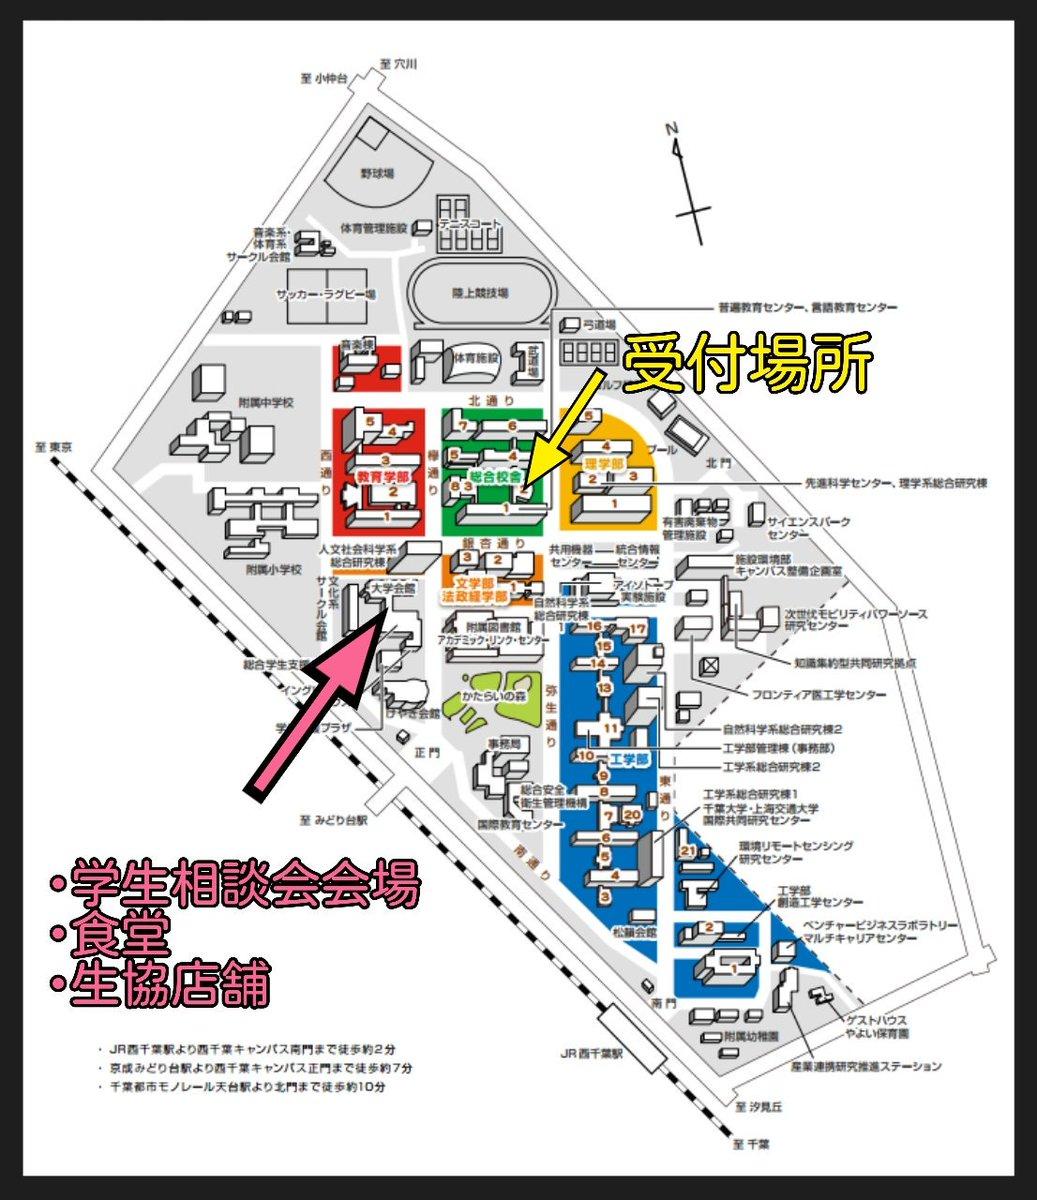 大学 センター 情報 千葉 統合